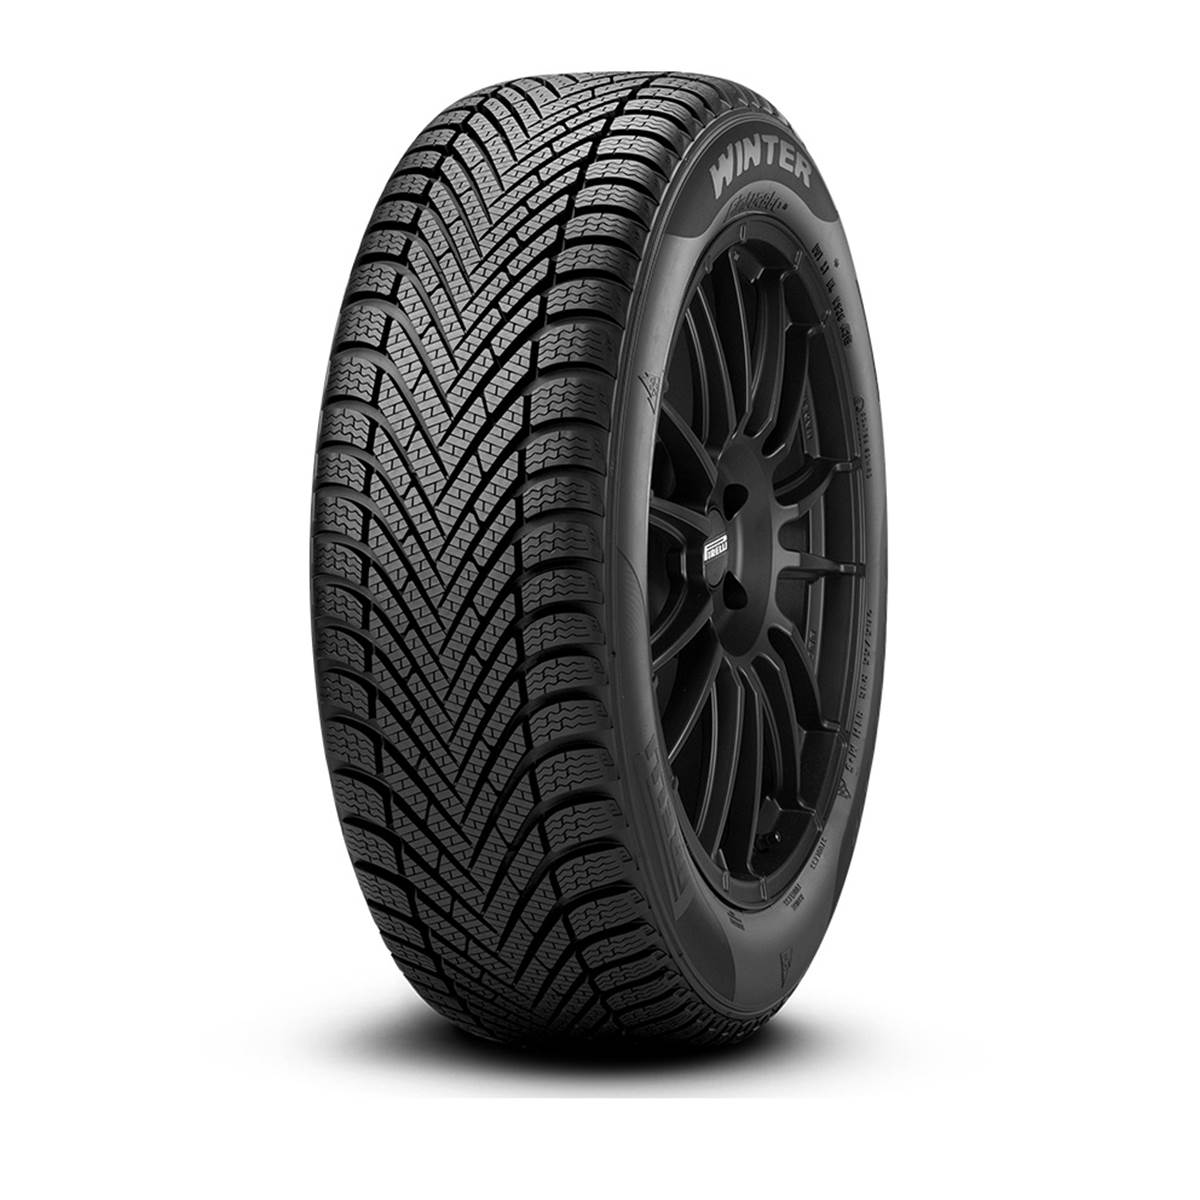 Pirelli Cinturato Winter Xl